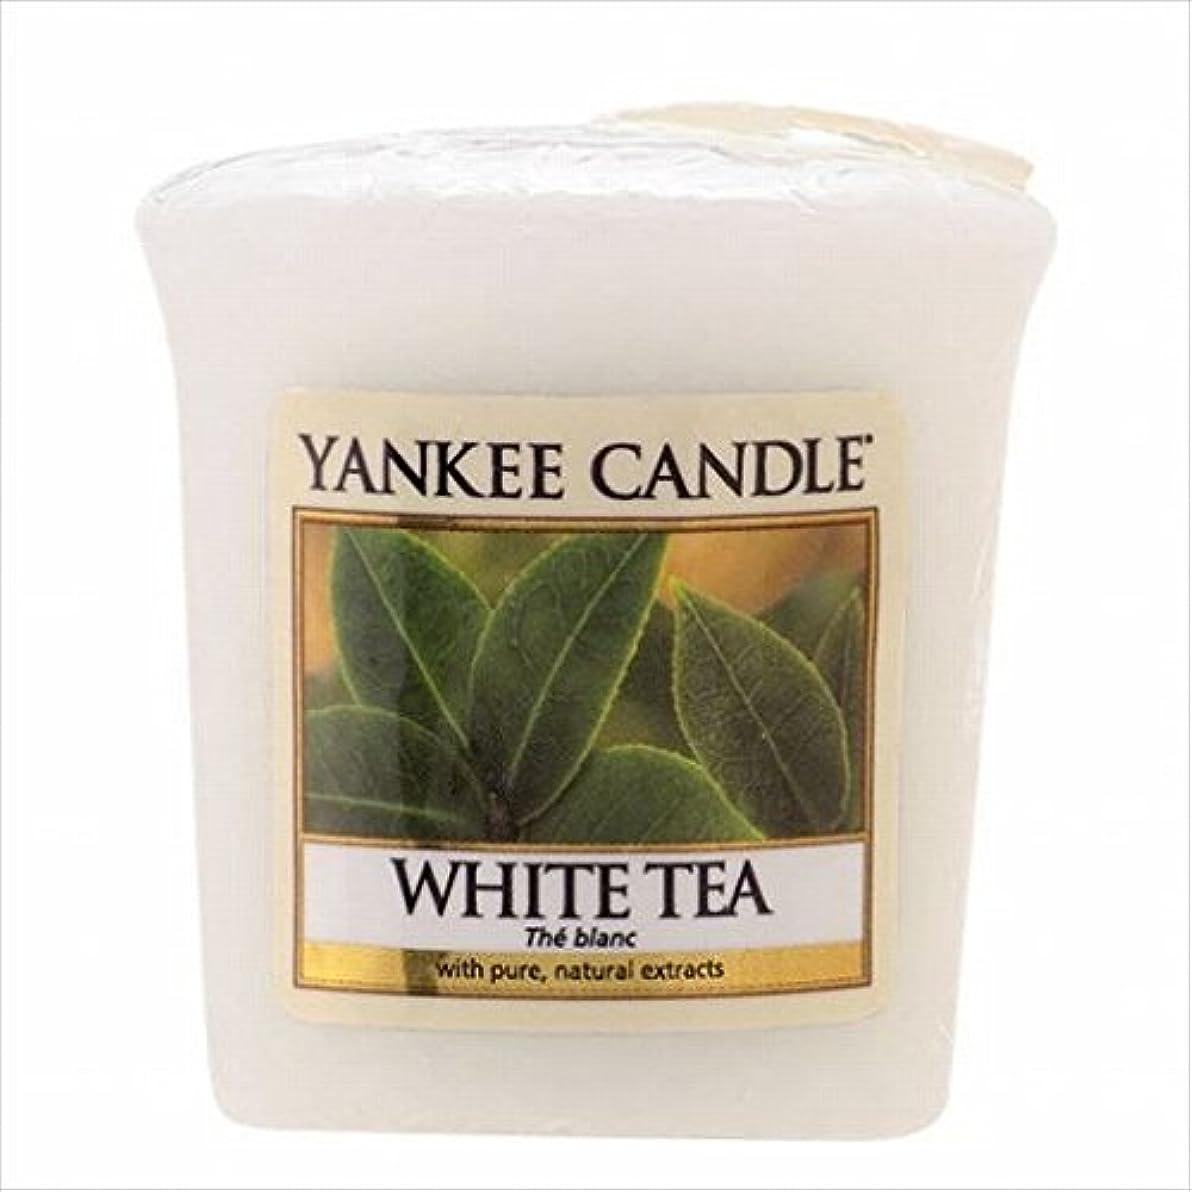 前提条件熟すロッカーYANKEE CANDLE(ヤンキーキャンドル) YANKEE CANDLE サンプラー 「 ホワイトティー 」6個セット(K00105277)